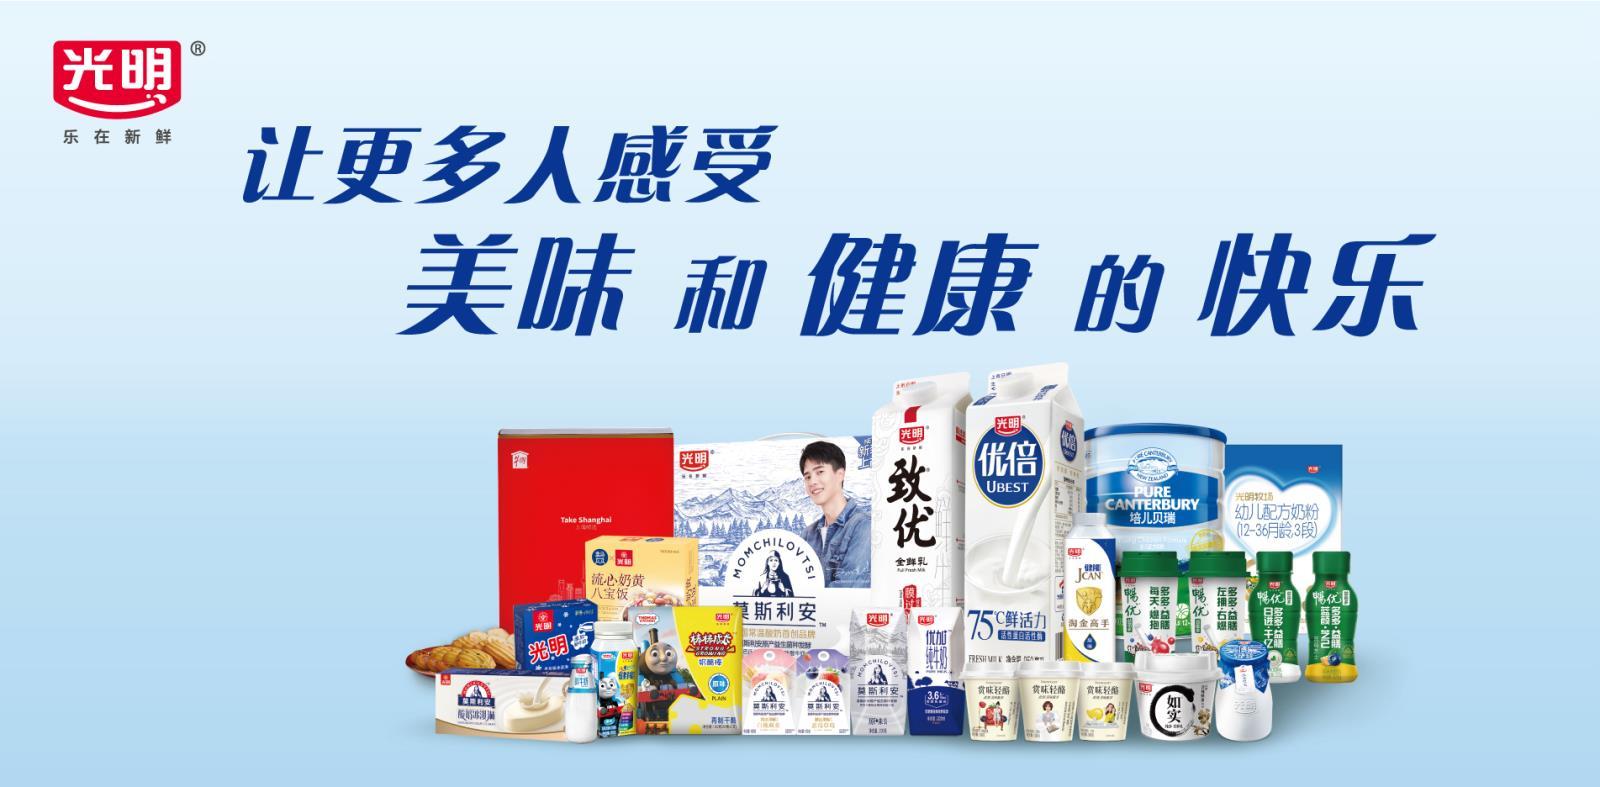 上海-光明乳业